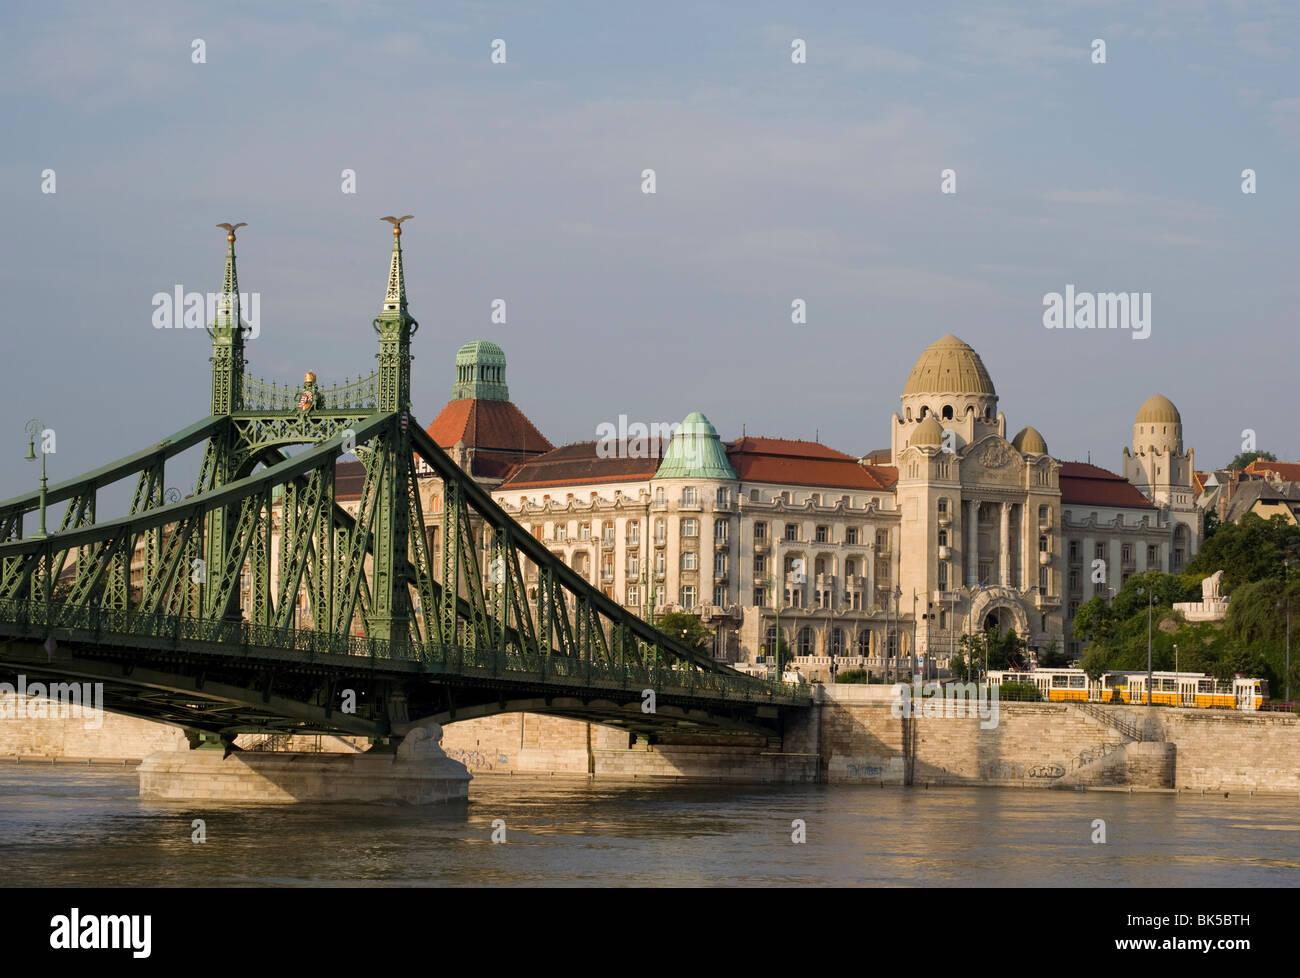 Freiheitsbrücke und das Gellert-Hotel auf der Donau, Budapest, Ungarn, Europa Stockbild